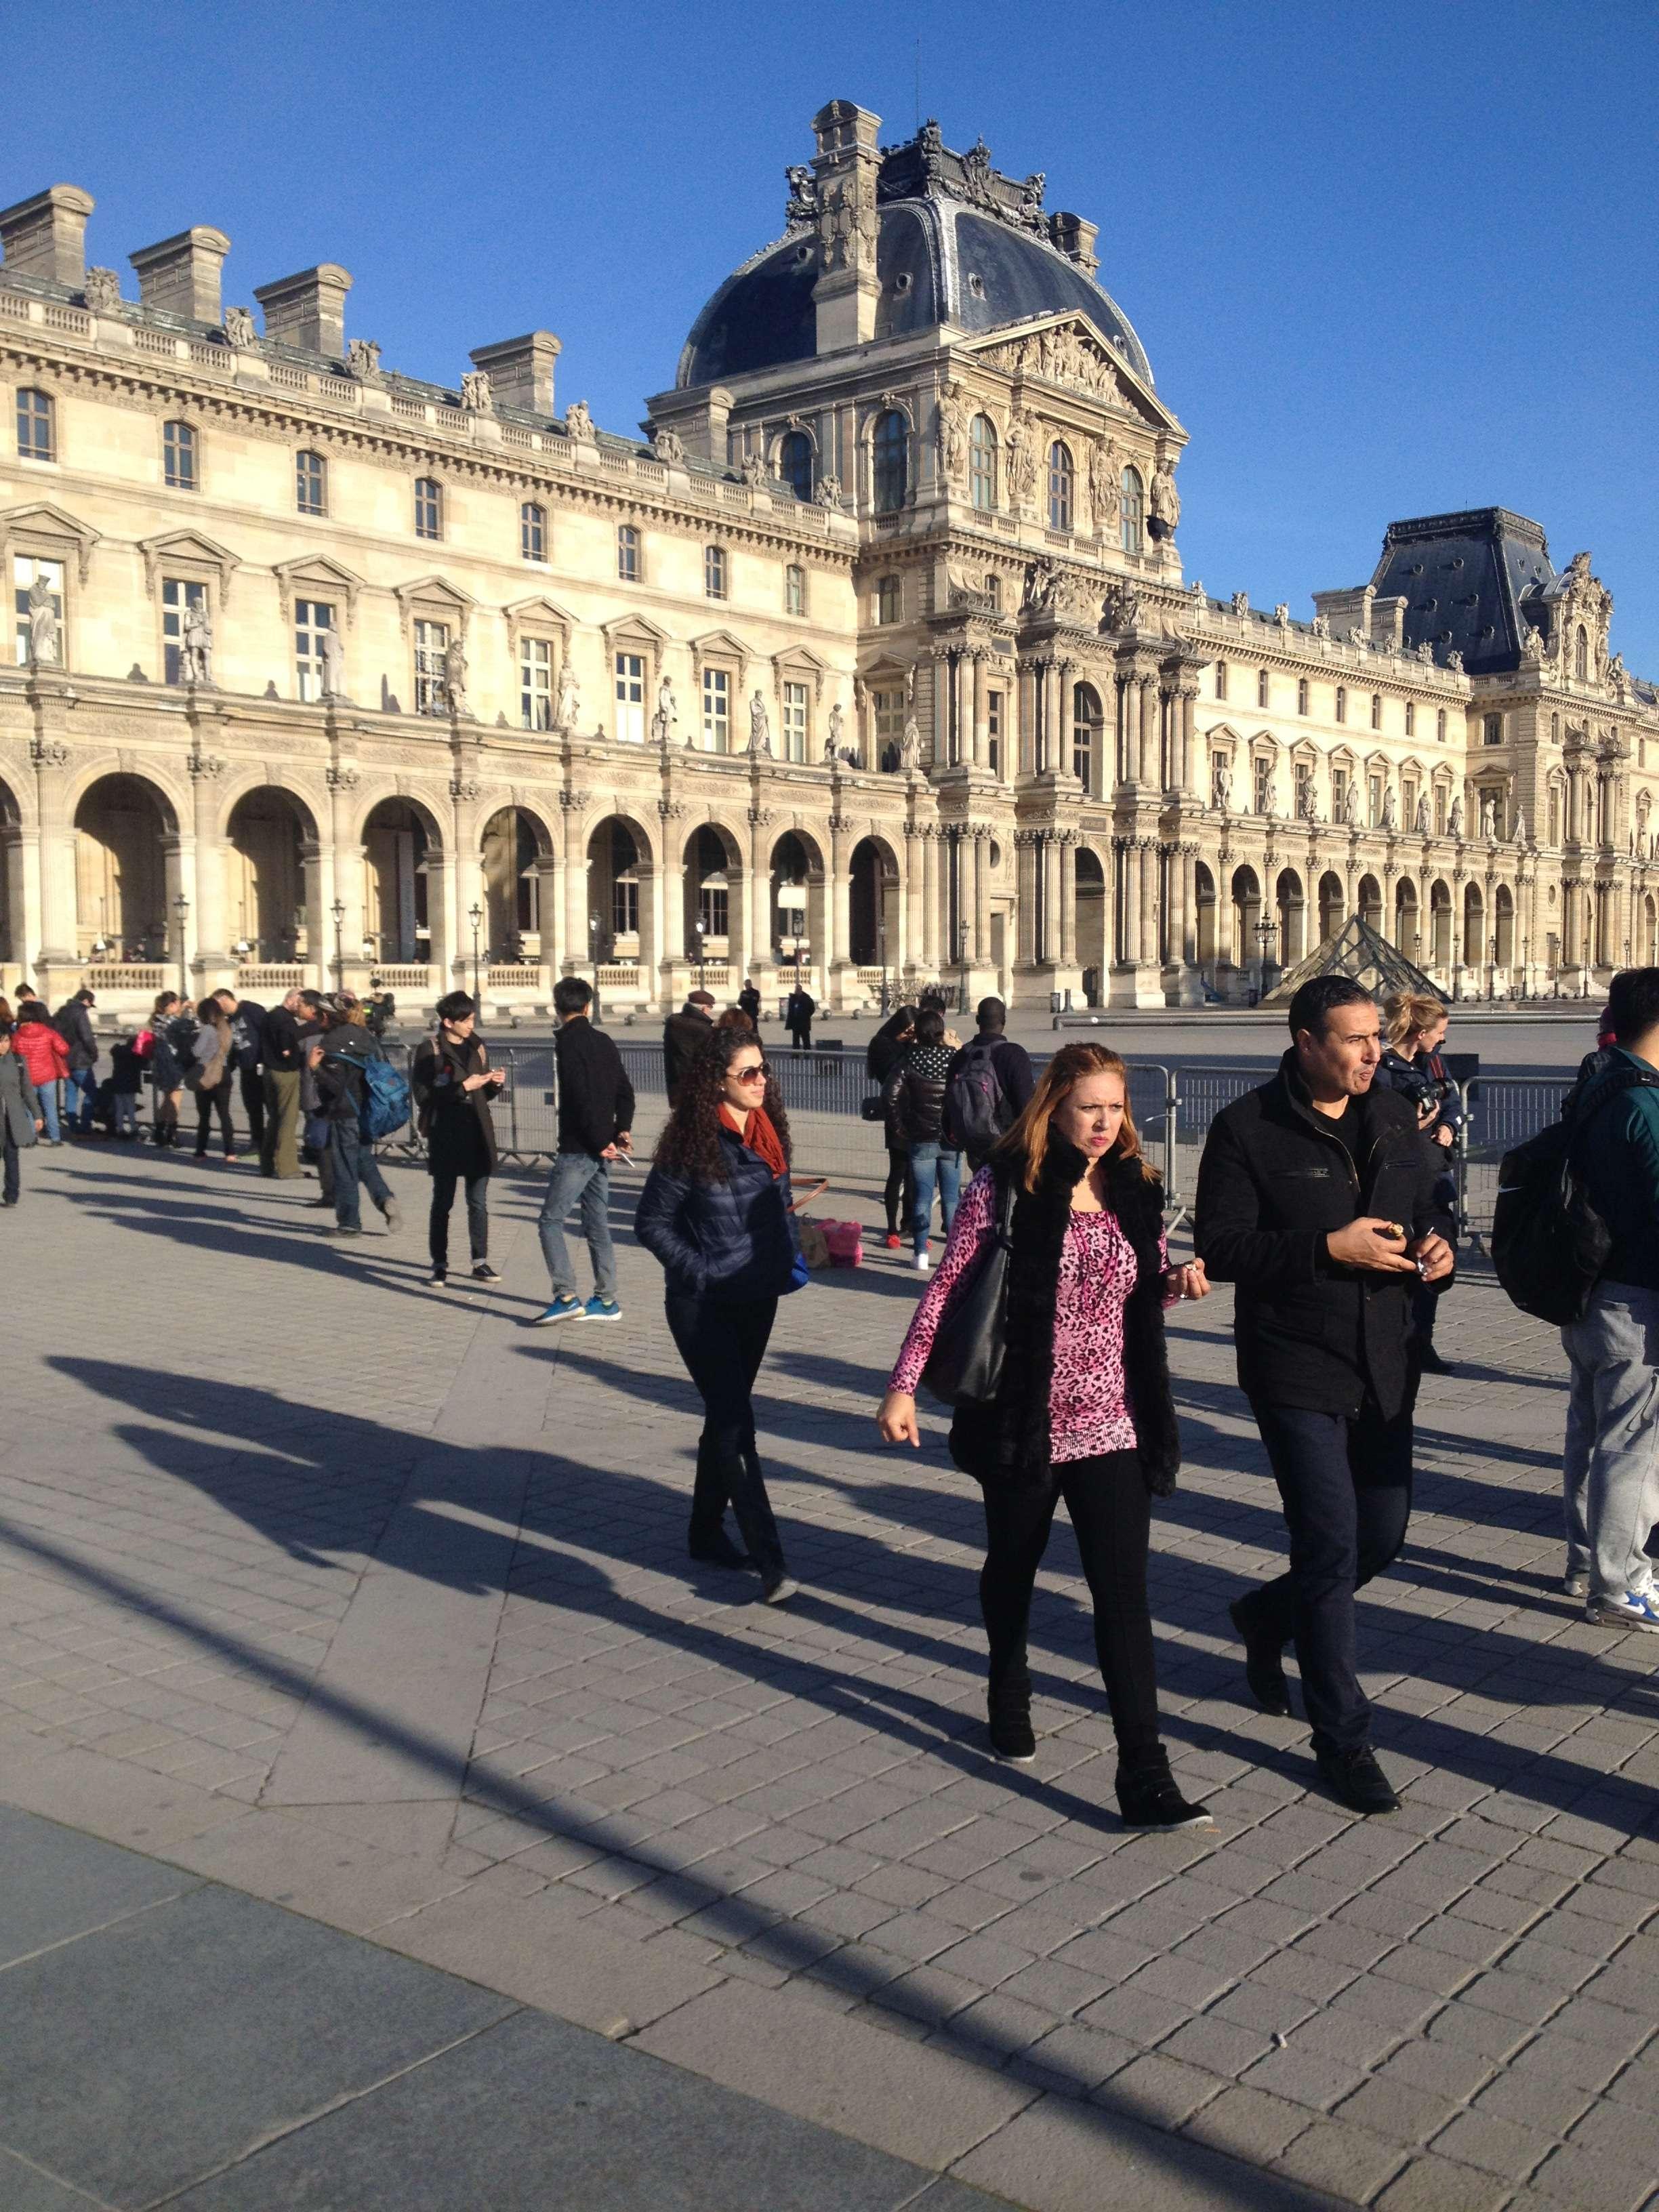 Turisti descumpàniti în fata Luvrului